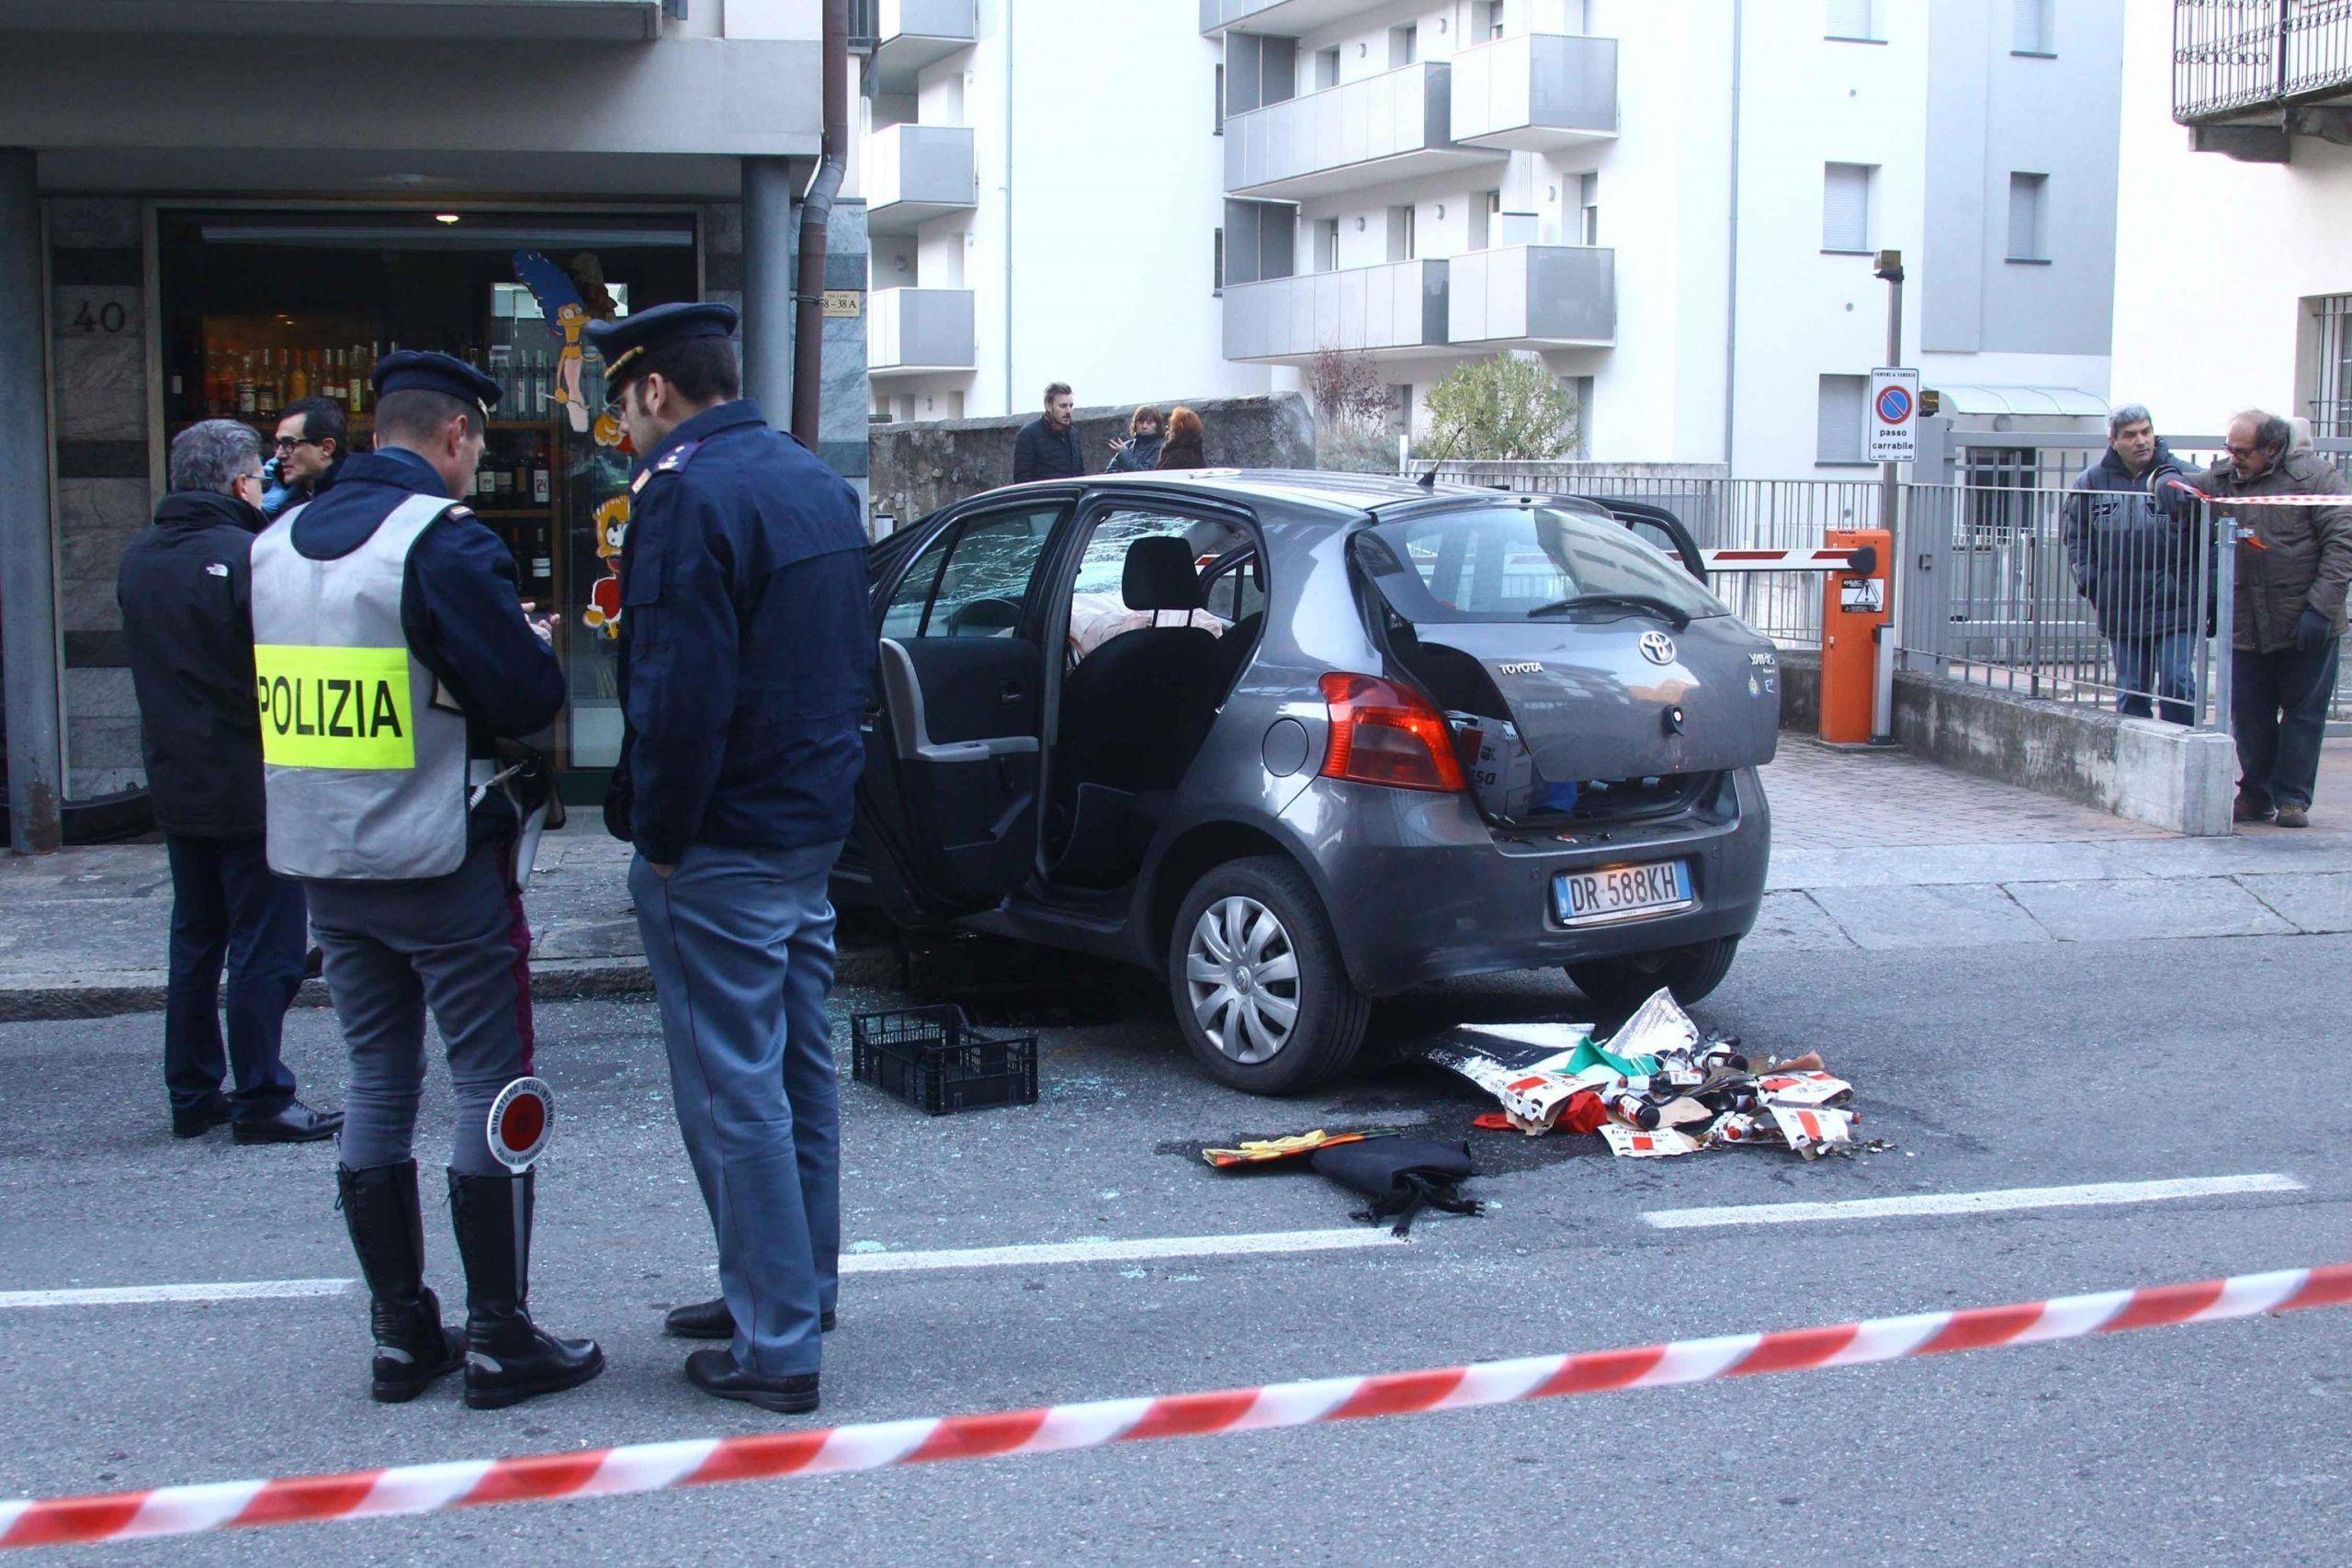 Travolge passanti con auto:uomo esce da ospedale,va in cella